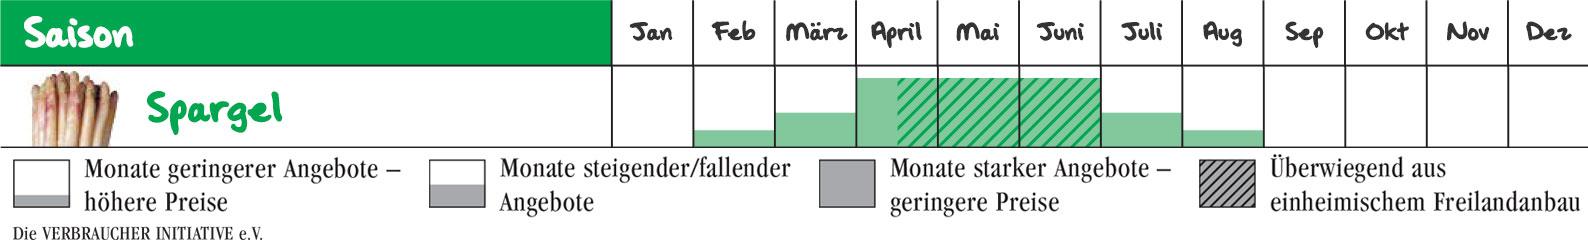 Wann ist Spargel-Saison in Deutschland?